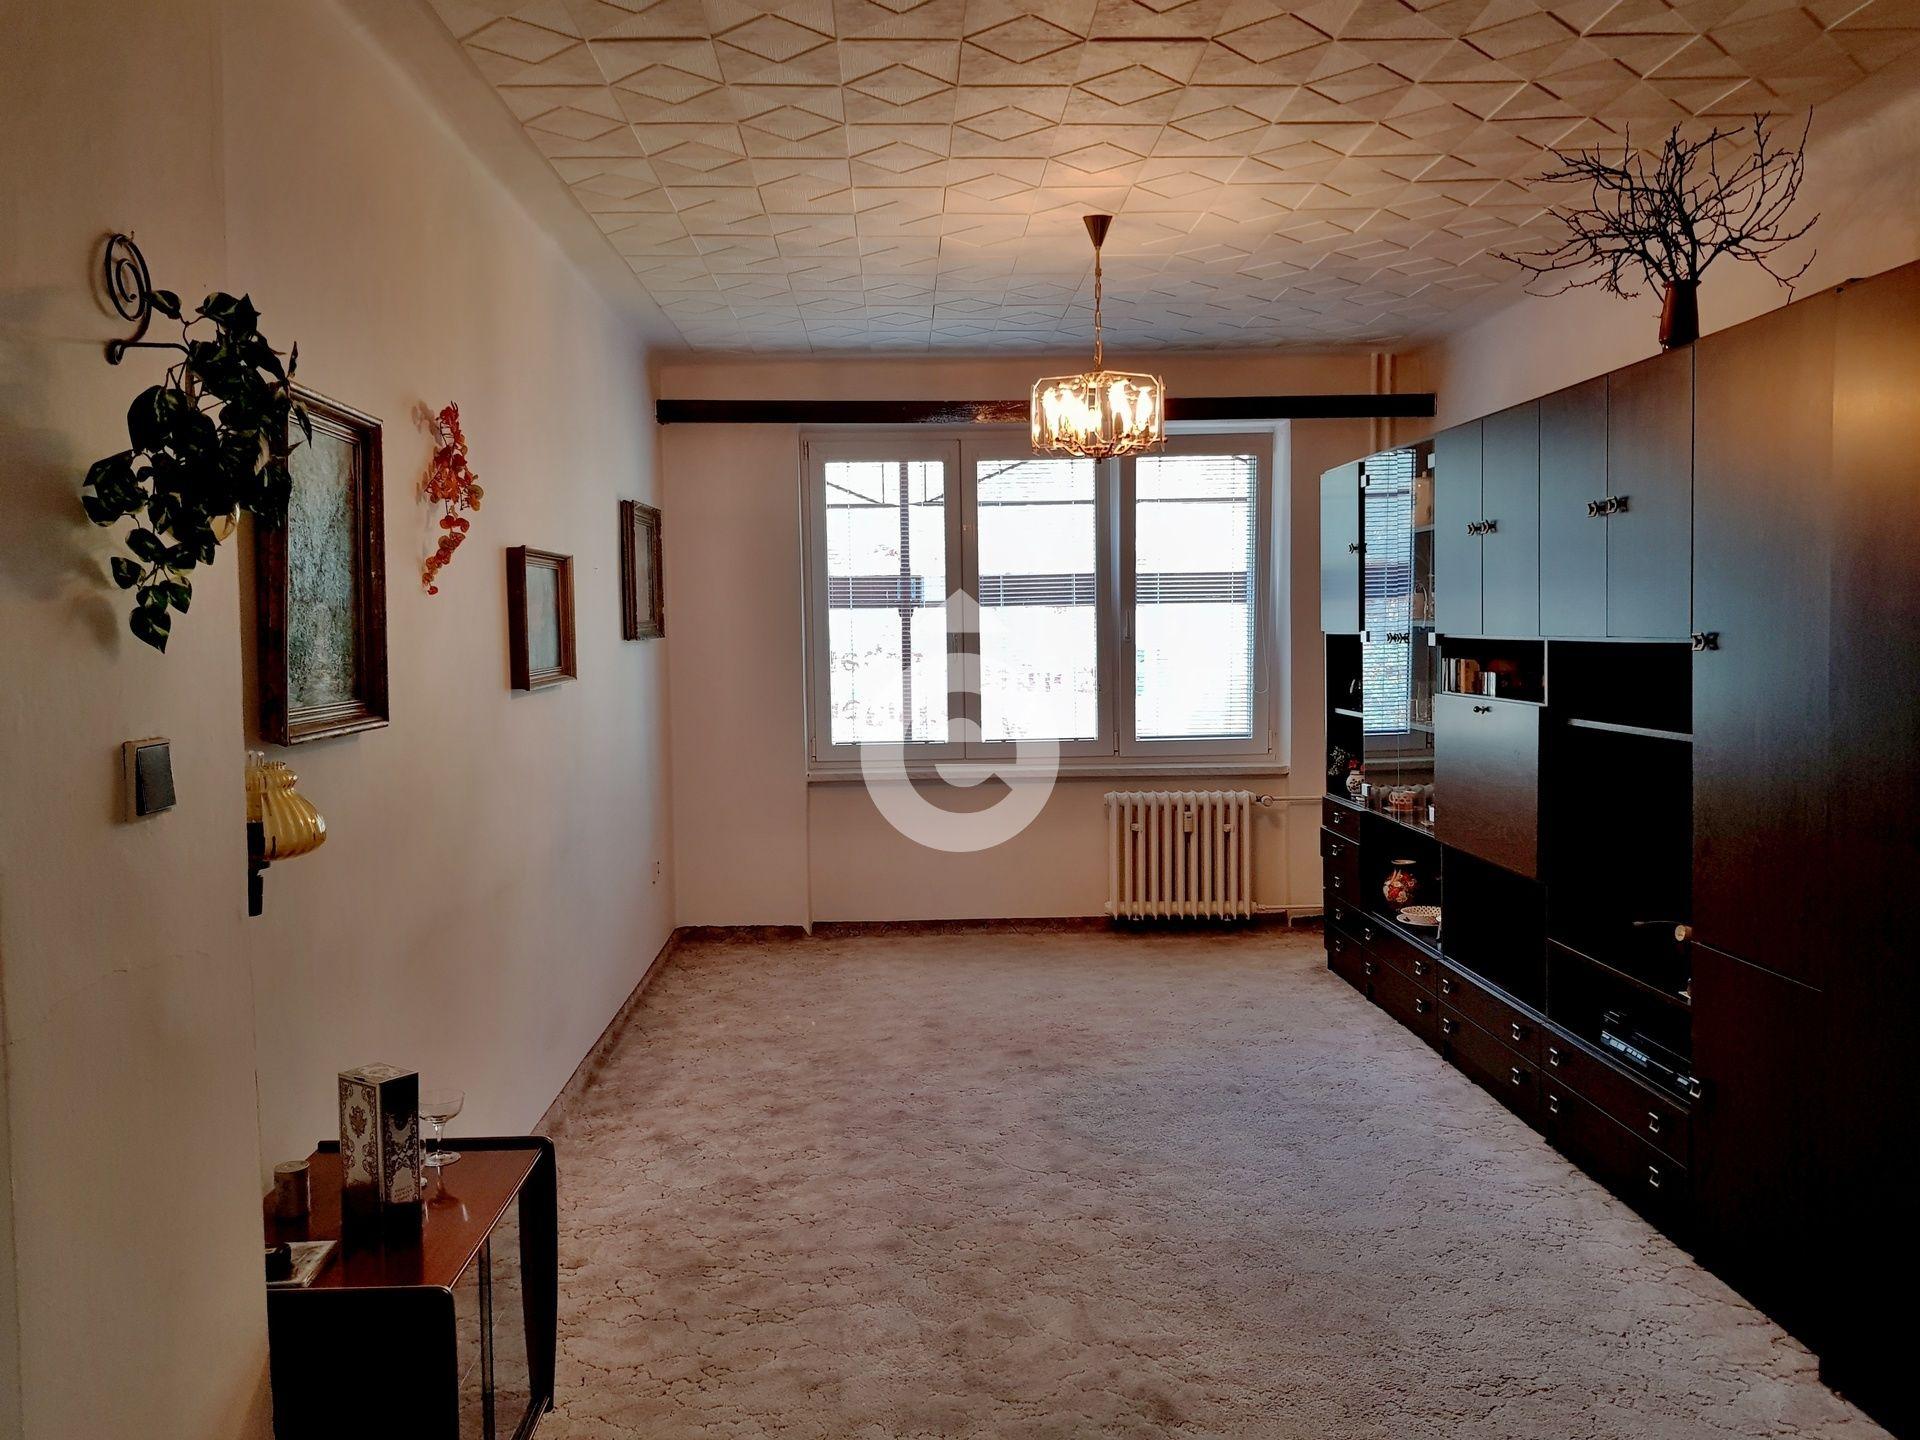 למכירה דירת 2+1 בגודל 48 מר בפראג 14 (2)